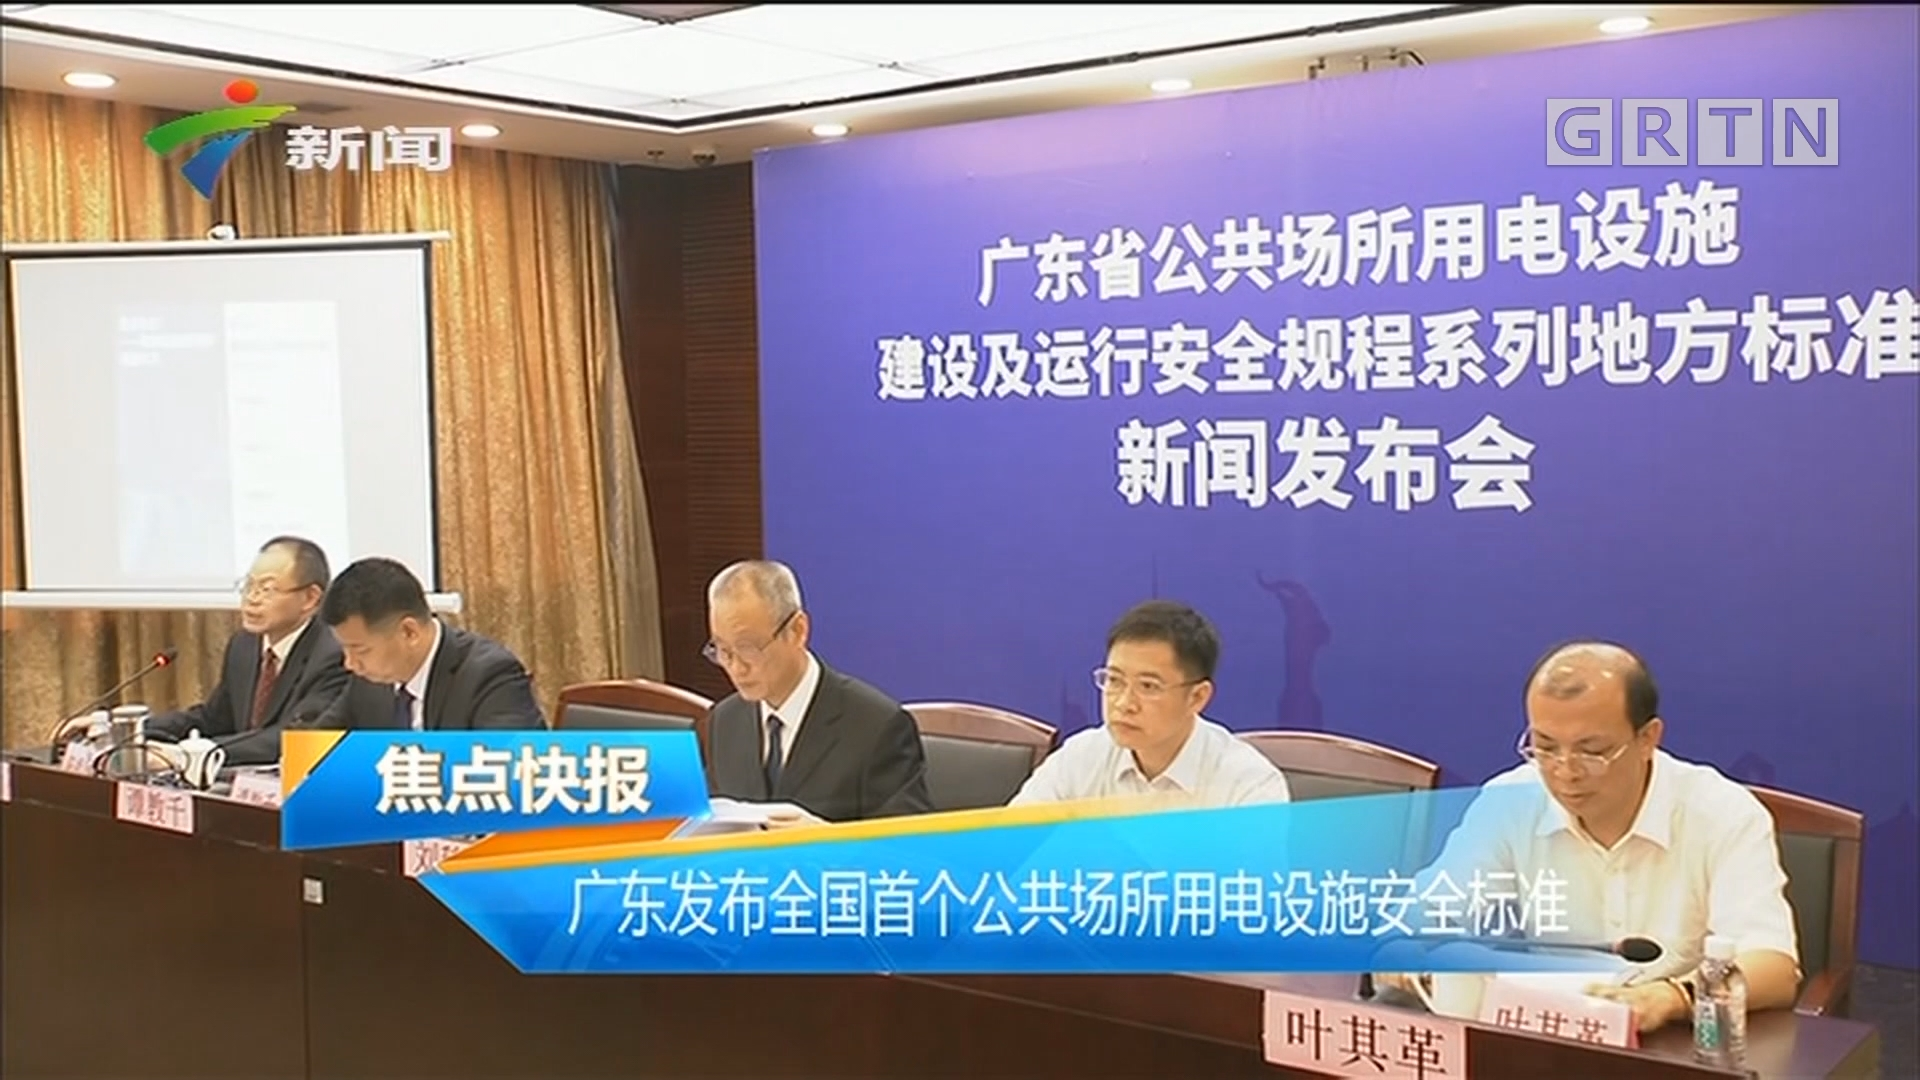 广东发布全国首个公共场所用电设施安全标准